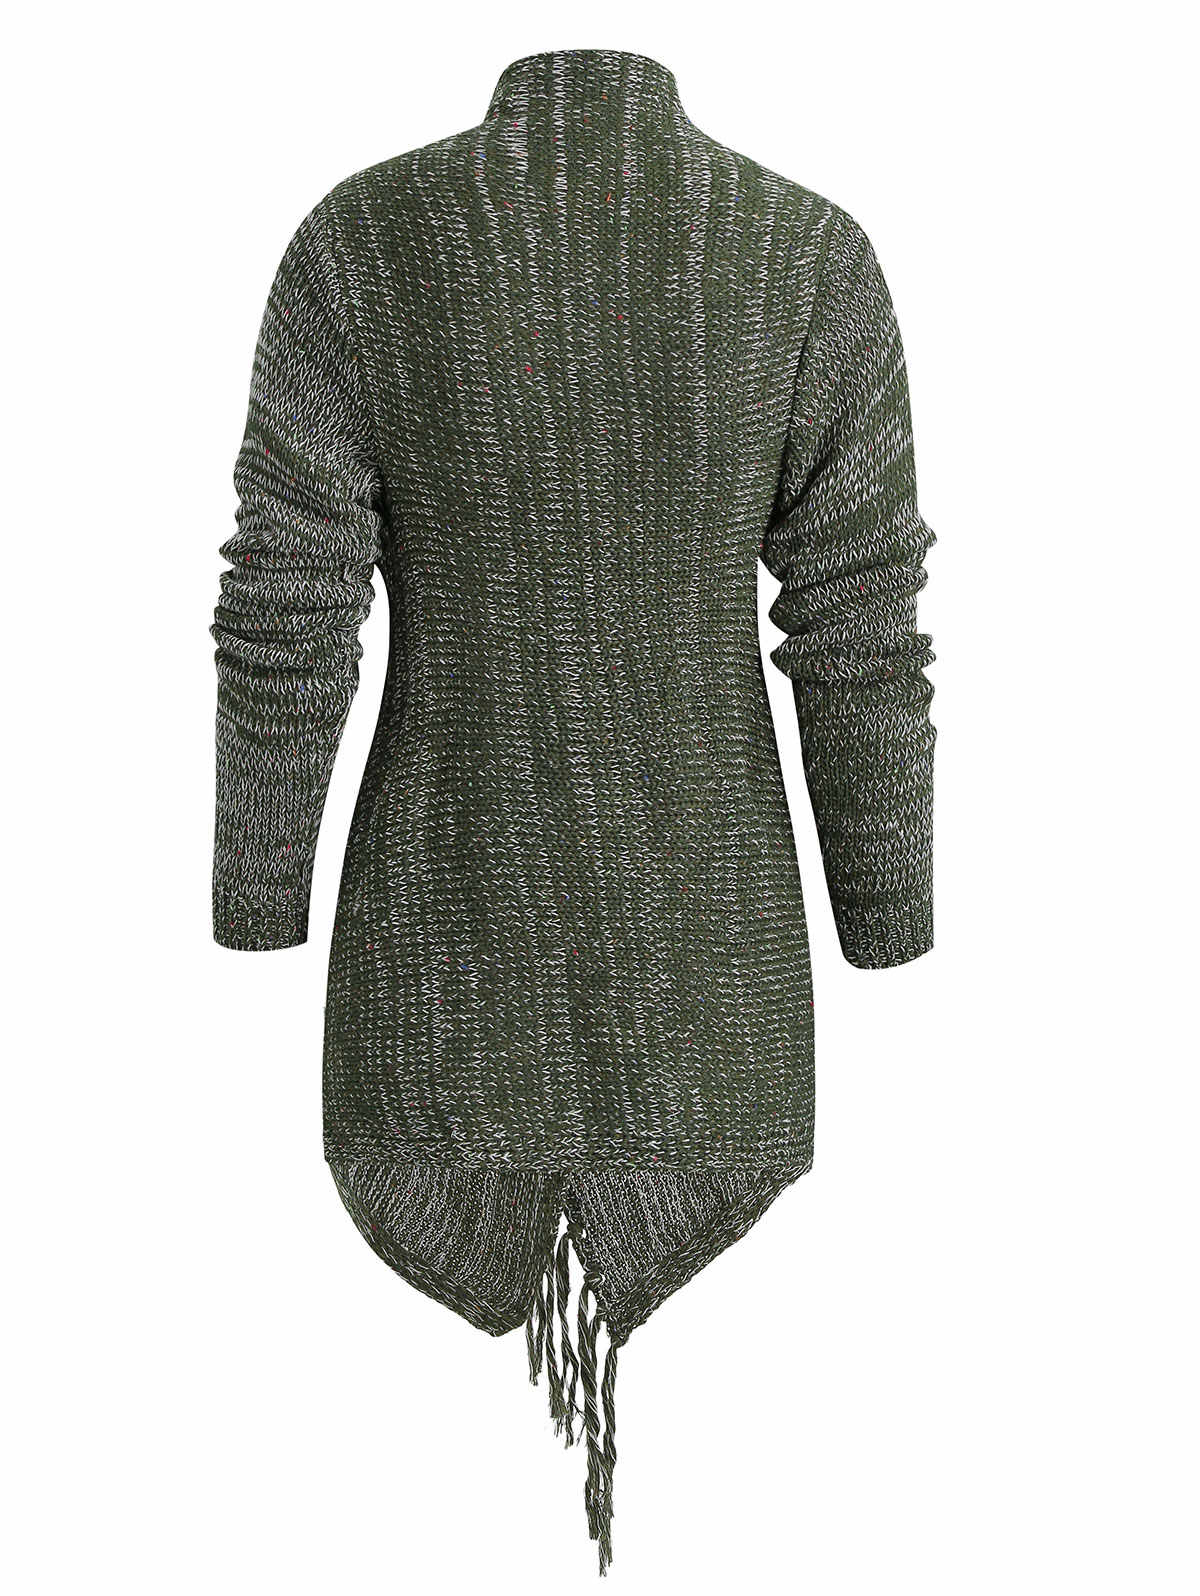 Wisalo трикотажное стильное кимоно для женщин, женское асимметричное с бахромой, с длинным рукавом, повседневное, однотонное, серое, с запахом, женская одежда